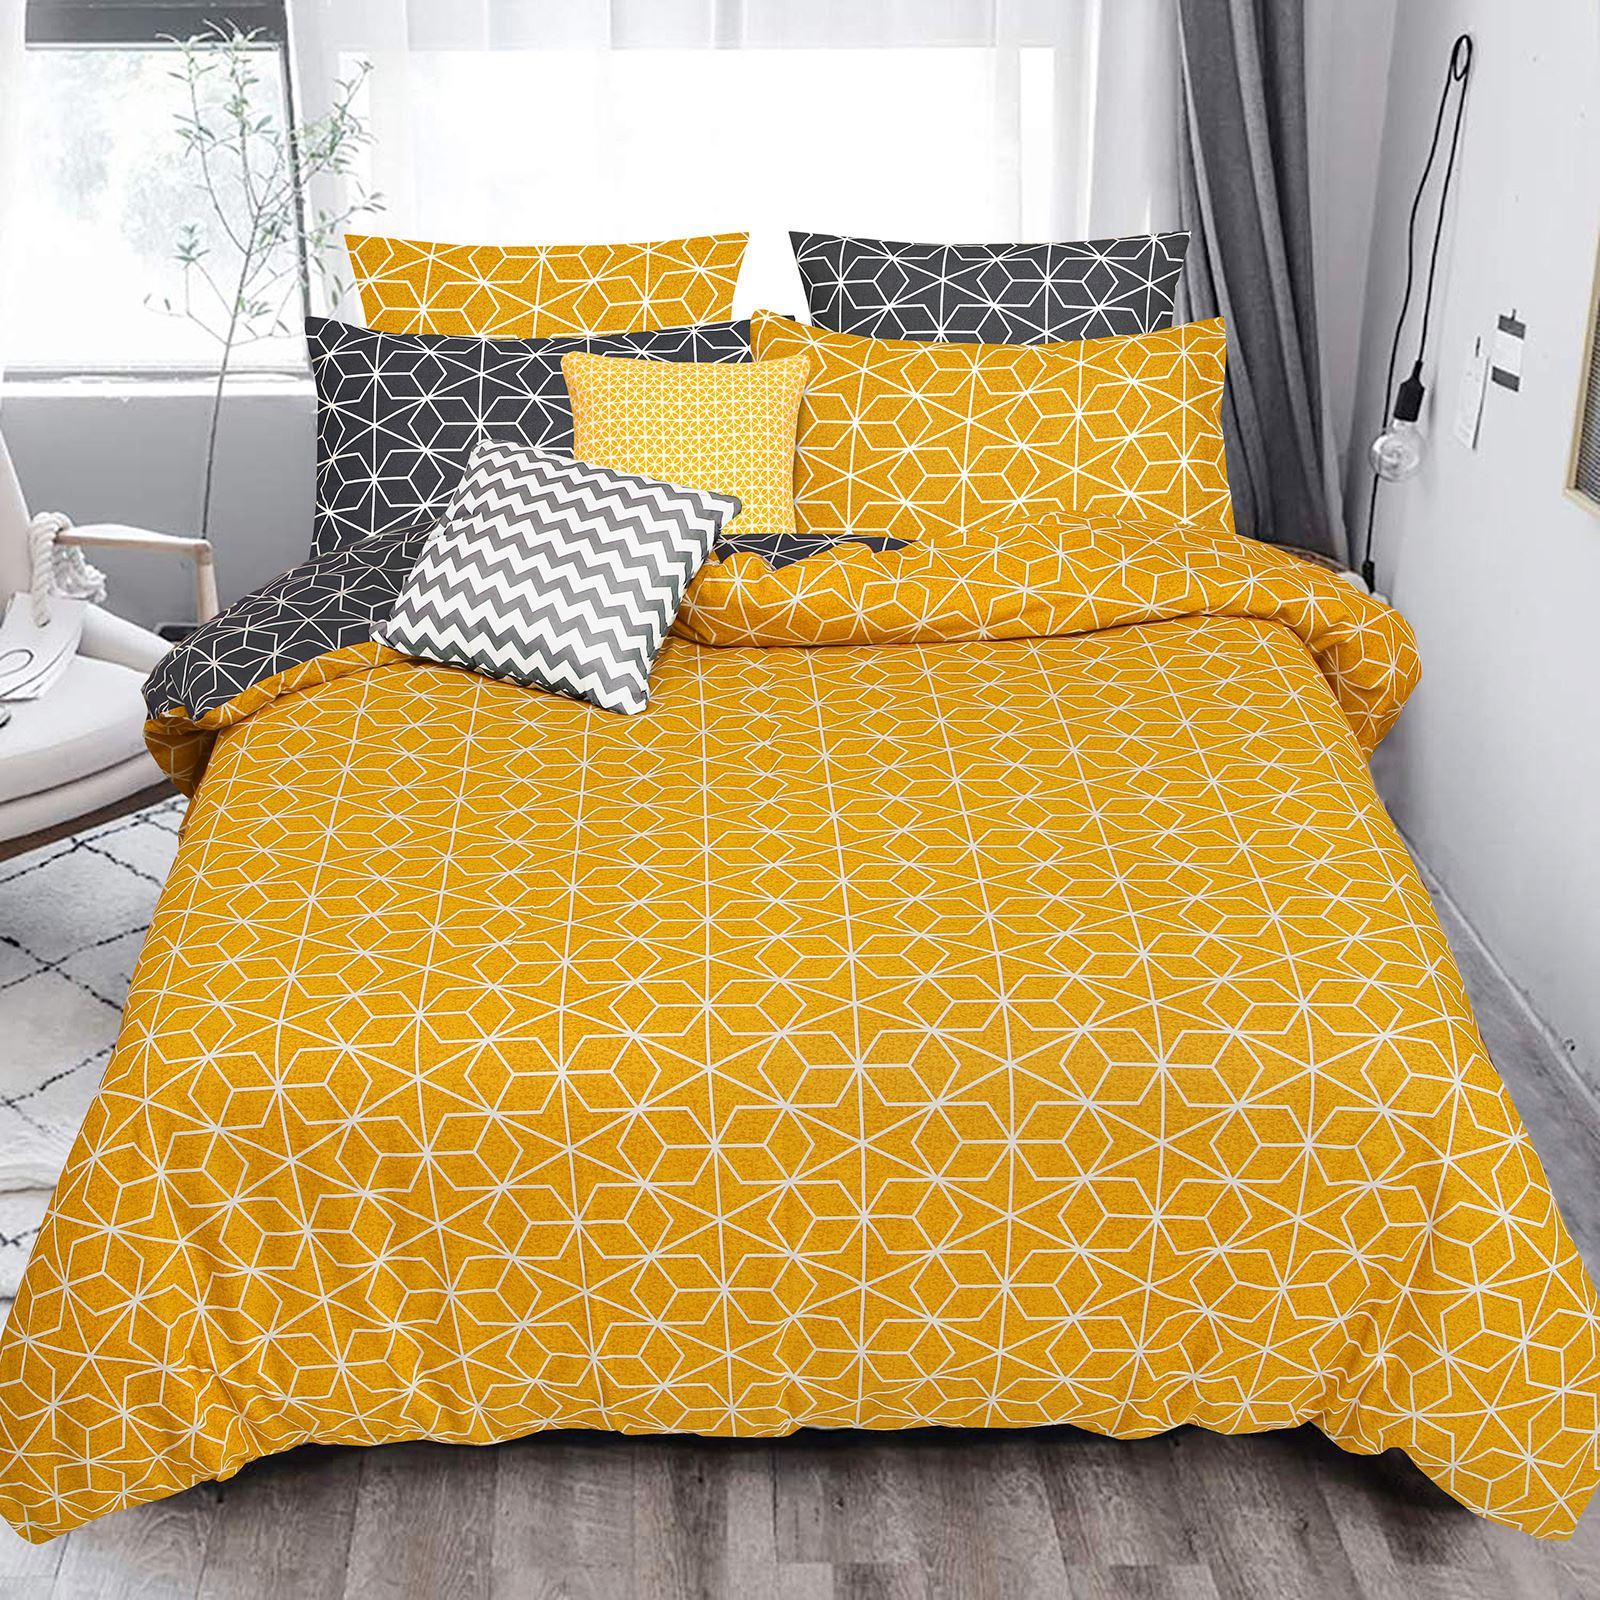 Geometrique-Housse-De-Couette-100-Coton-Couette-Douce-Literie-Simple-Double-King-Taille miniature 23